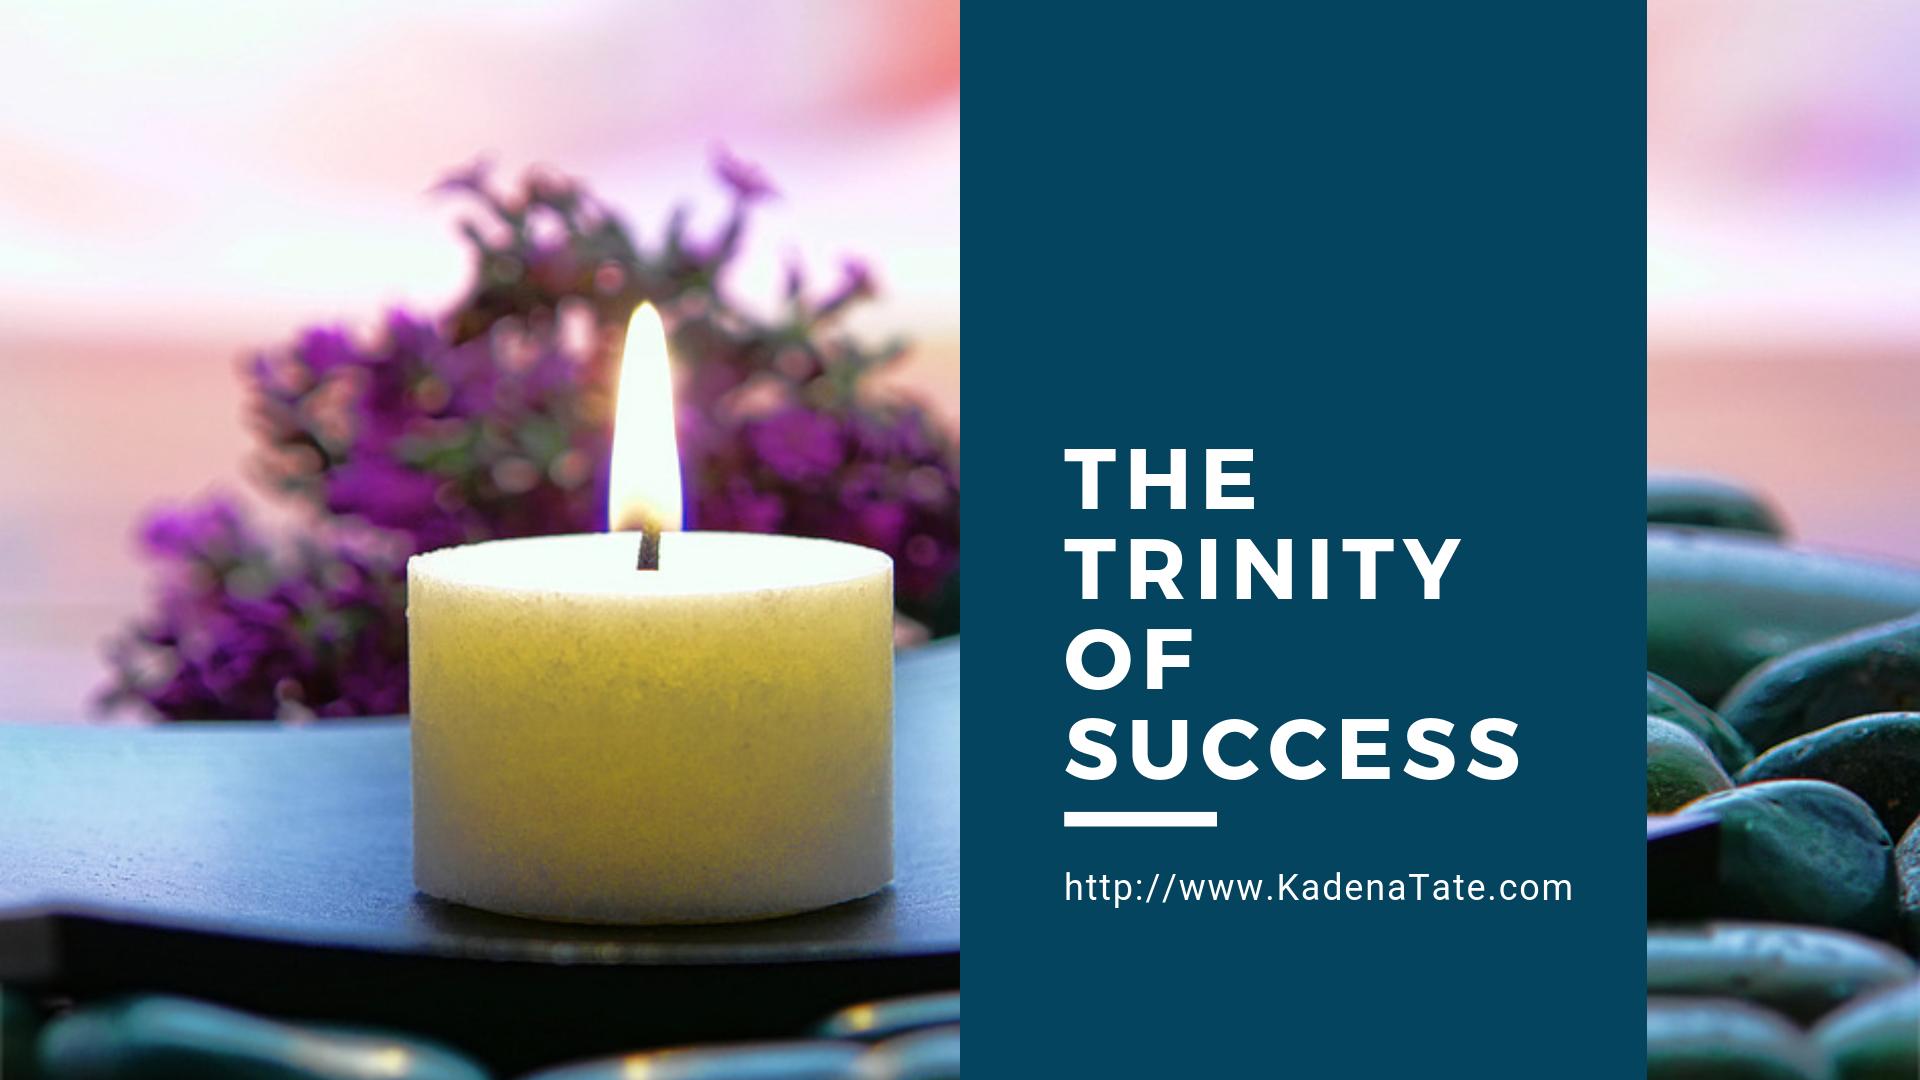 TrinityofSuccess_KadenaTate.png